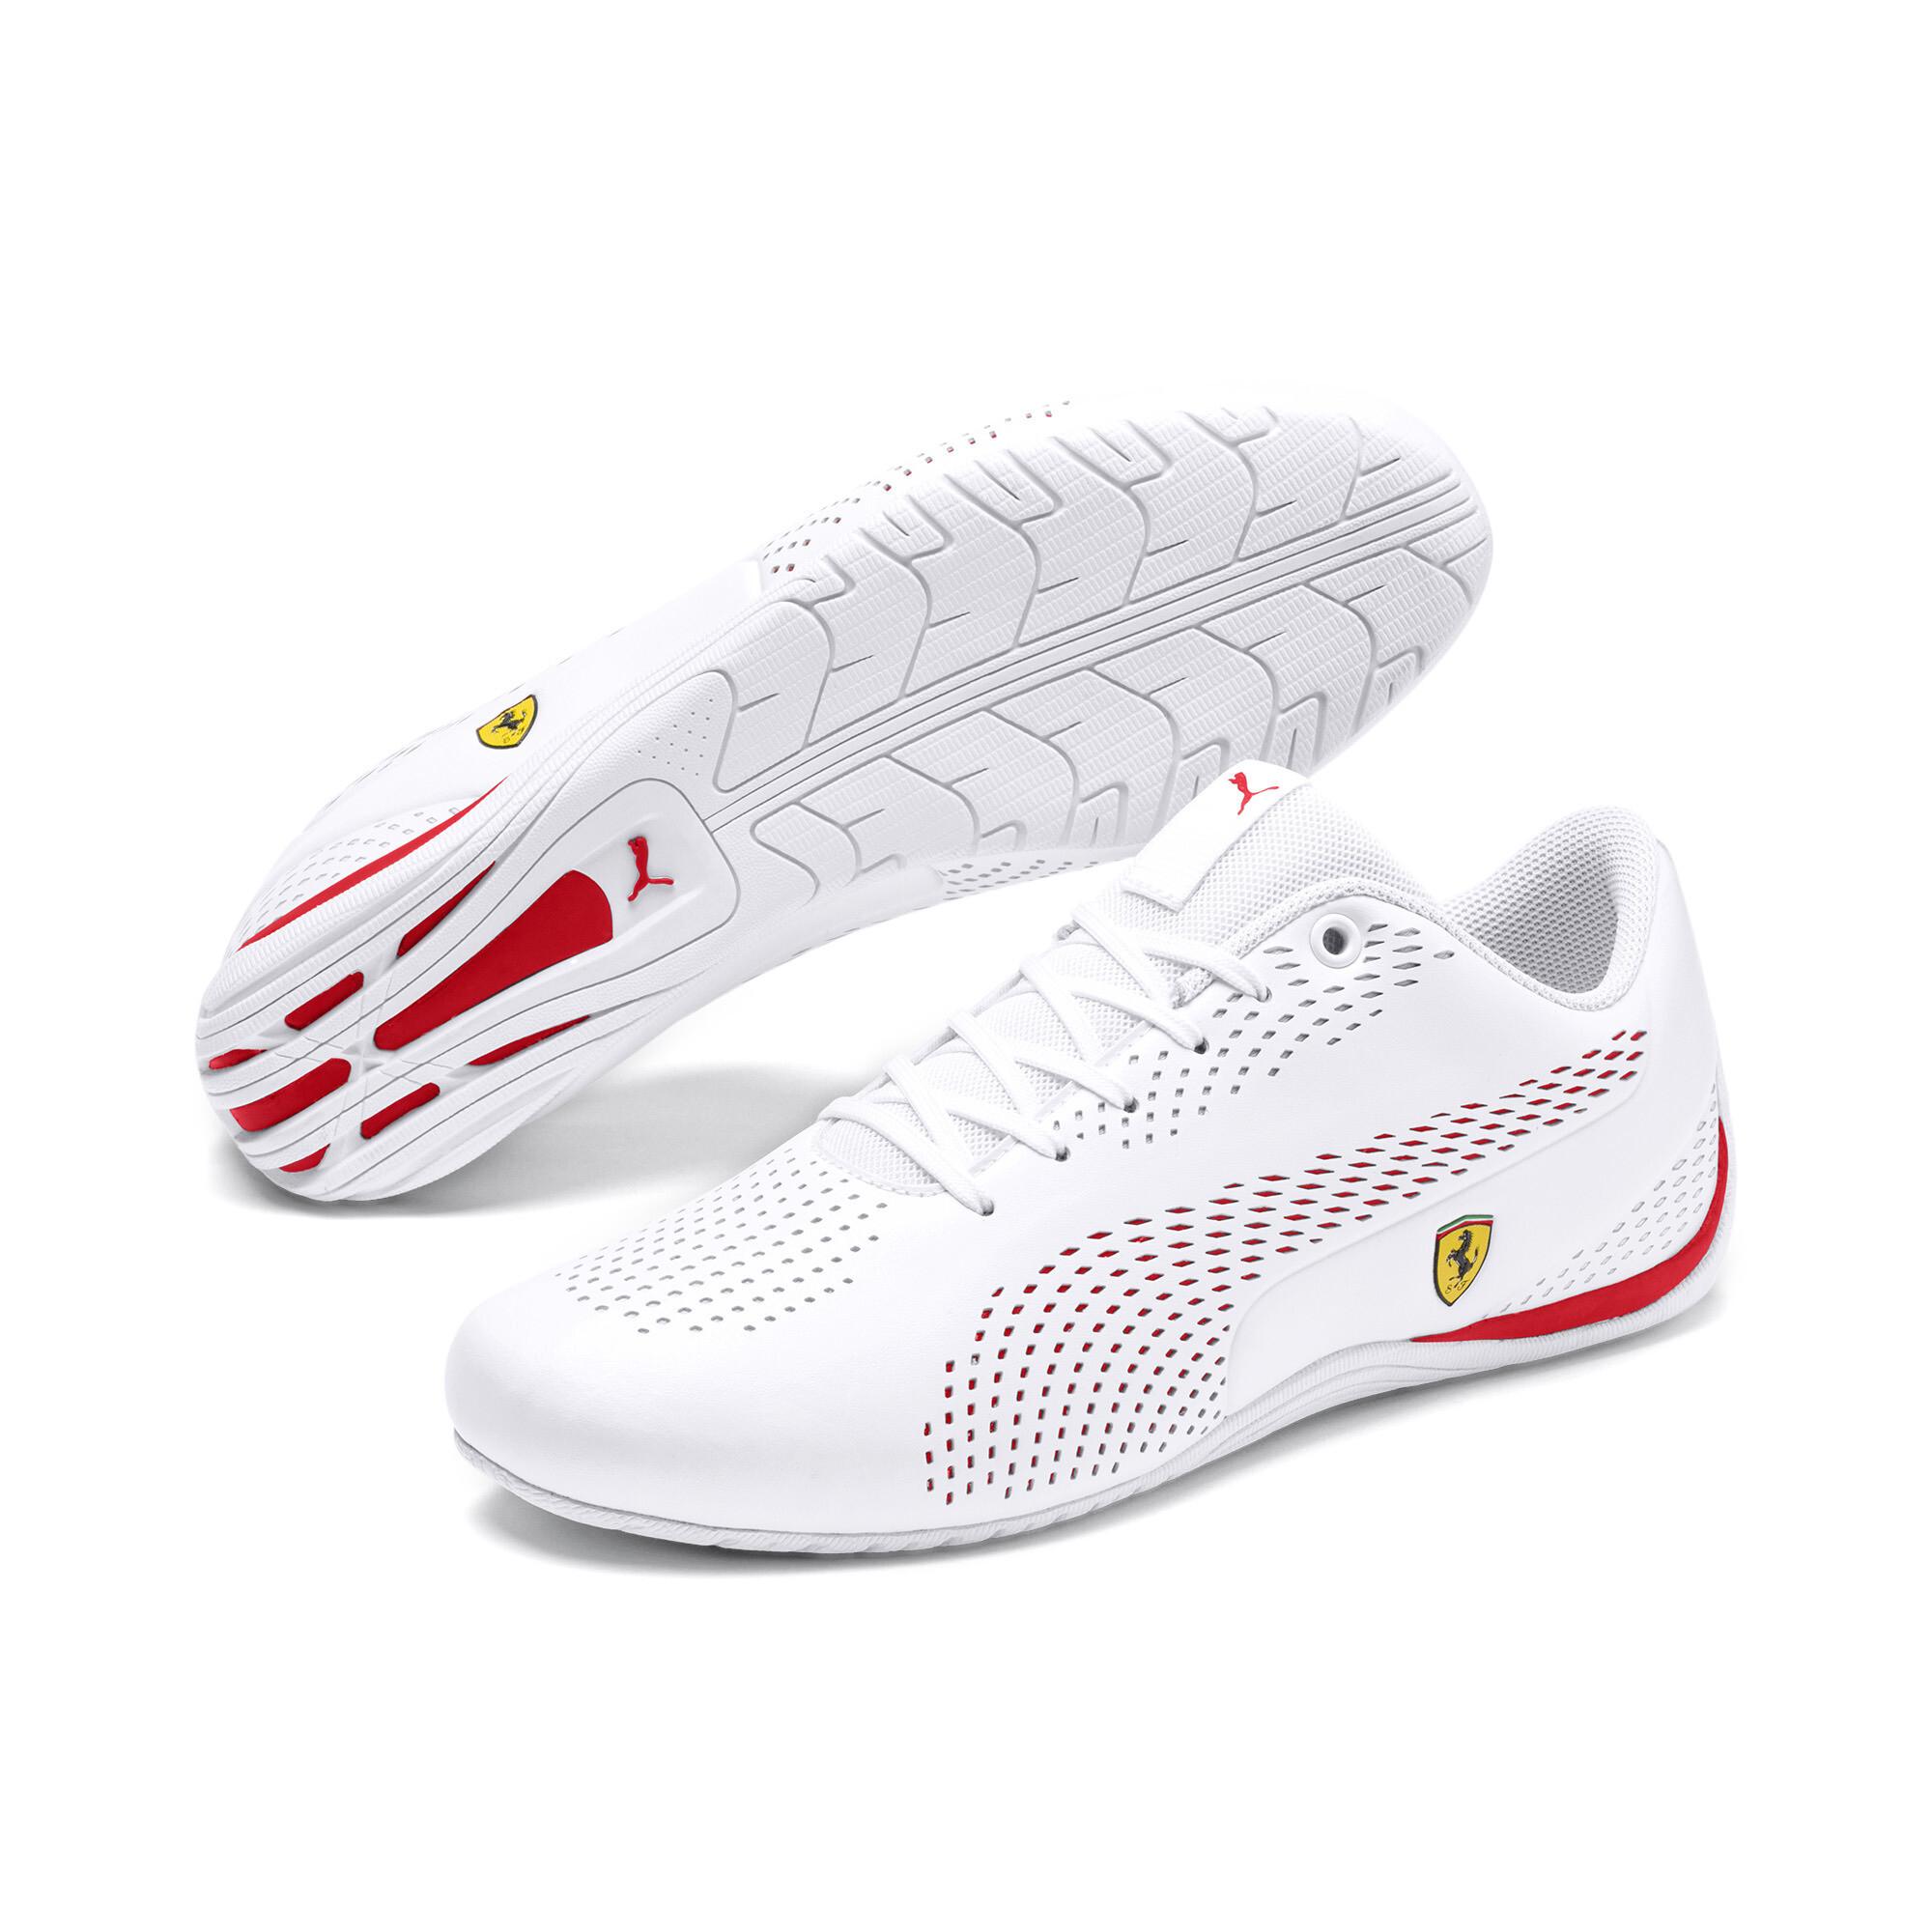 PUMA-Scuderia-Ferrari-Drift-Cat-5-Ultra-II-Men-039-s-Shoes-Unisex-Shoe-Auto thumbnail 3